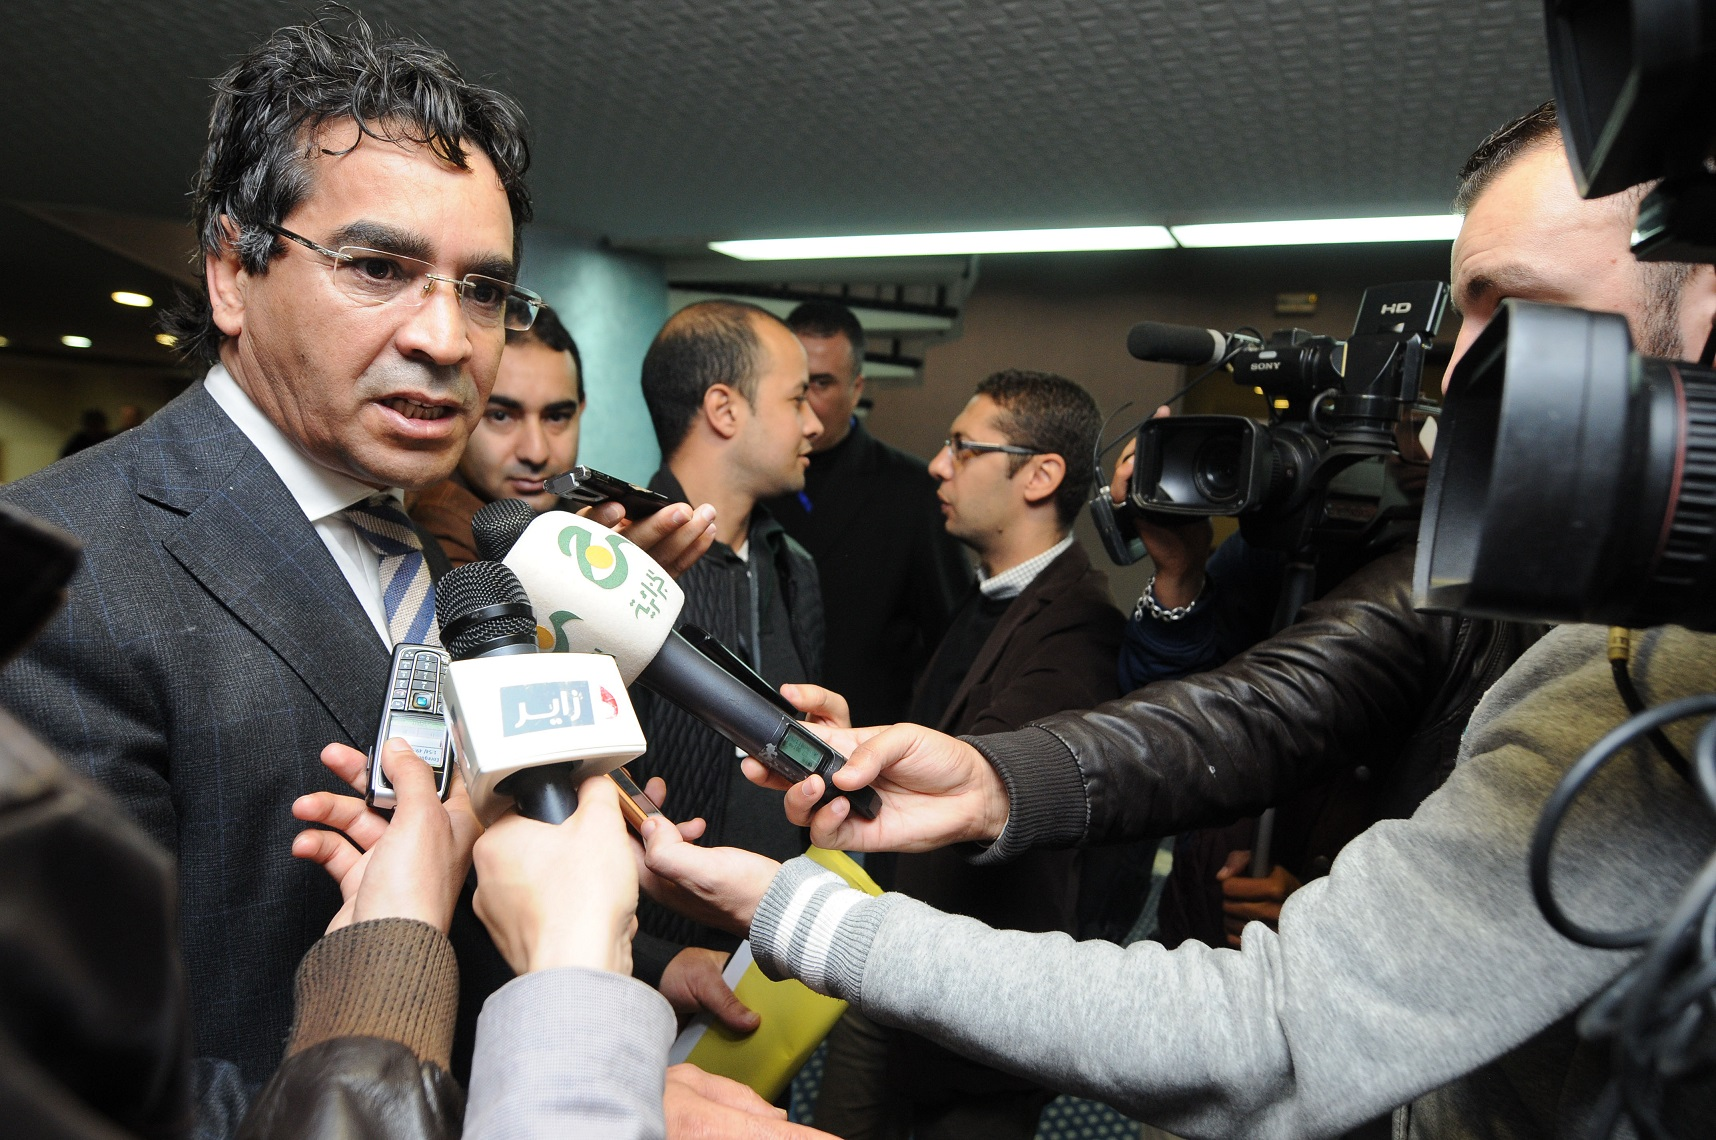 L'argent sale : une des plaies de l'Algérie. Ici, le chef du groupe parlementaire du FLN. New Press